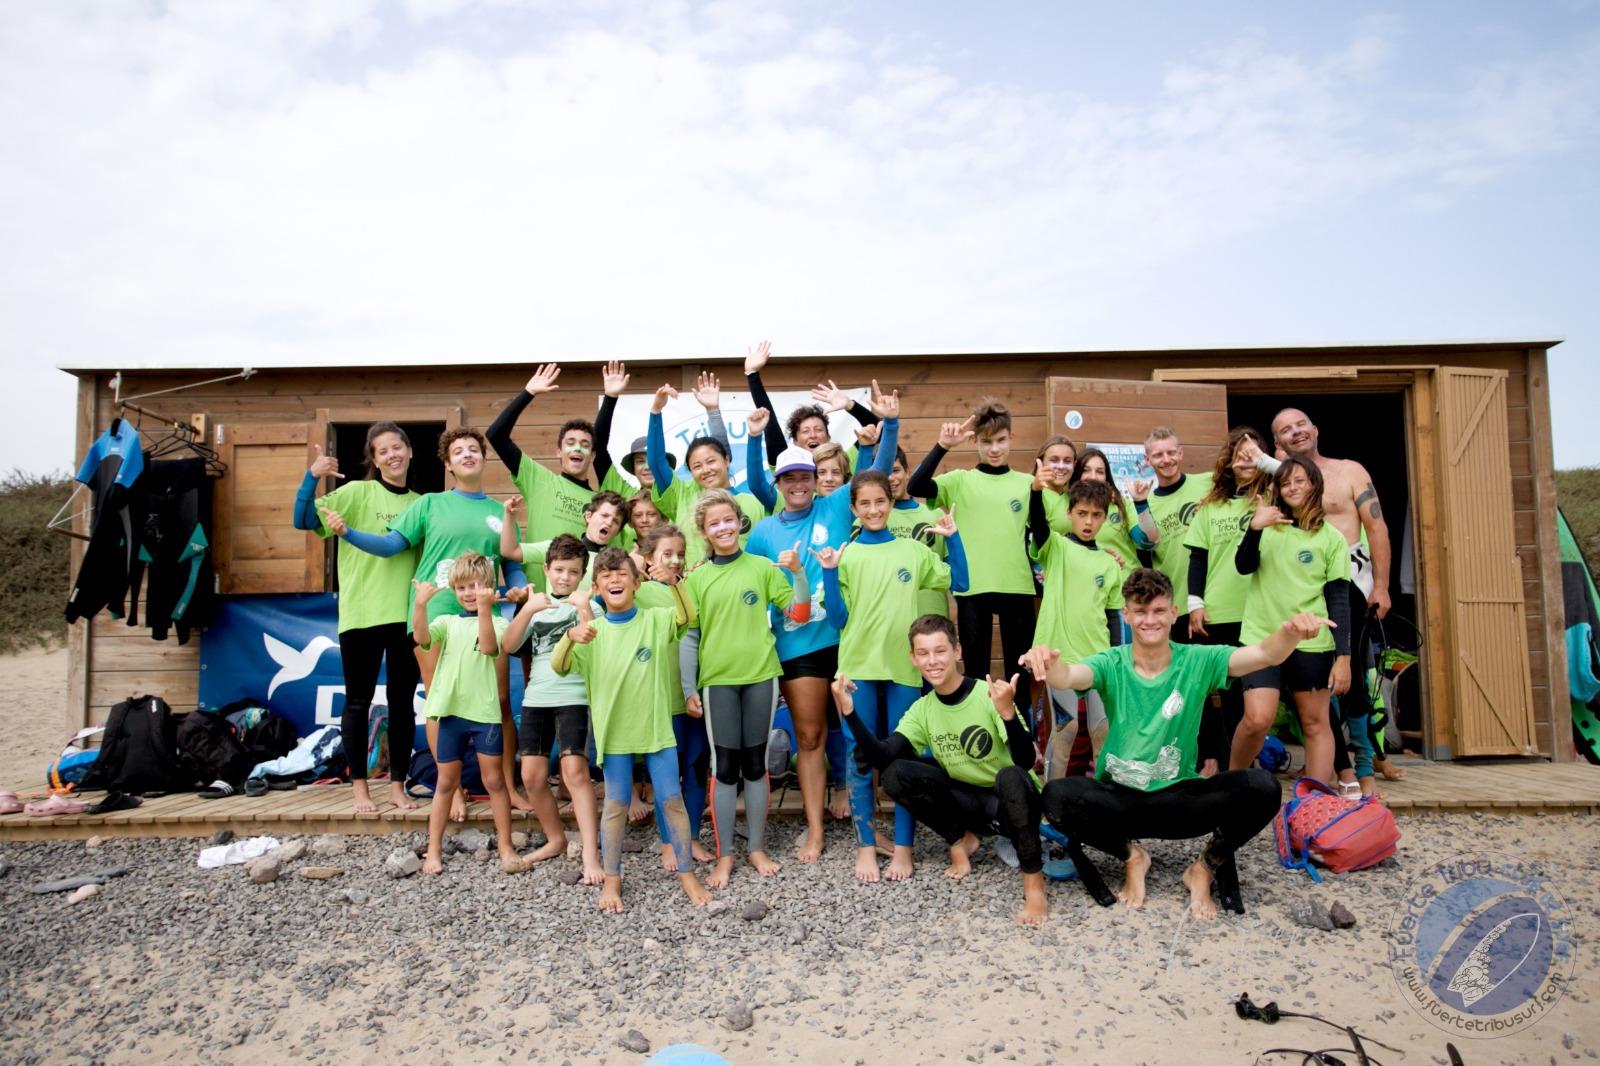 grupo surf fuerte tribu.jpeg